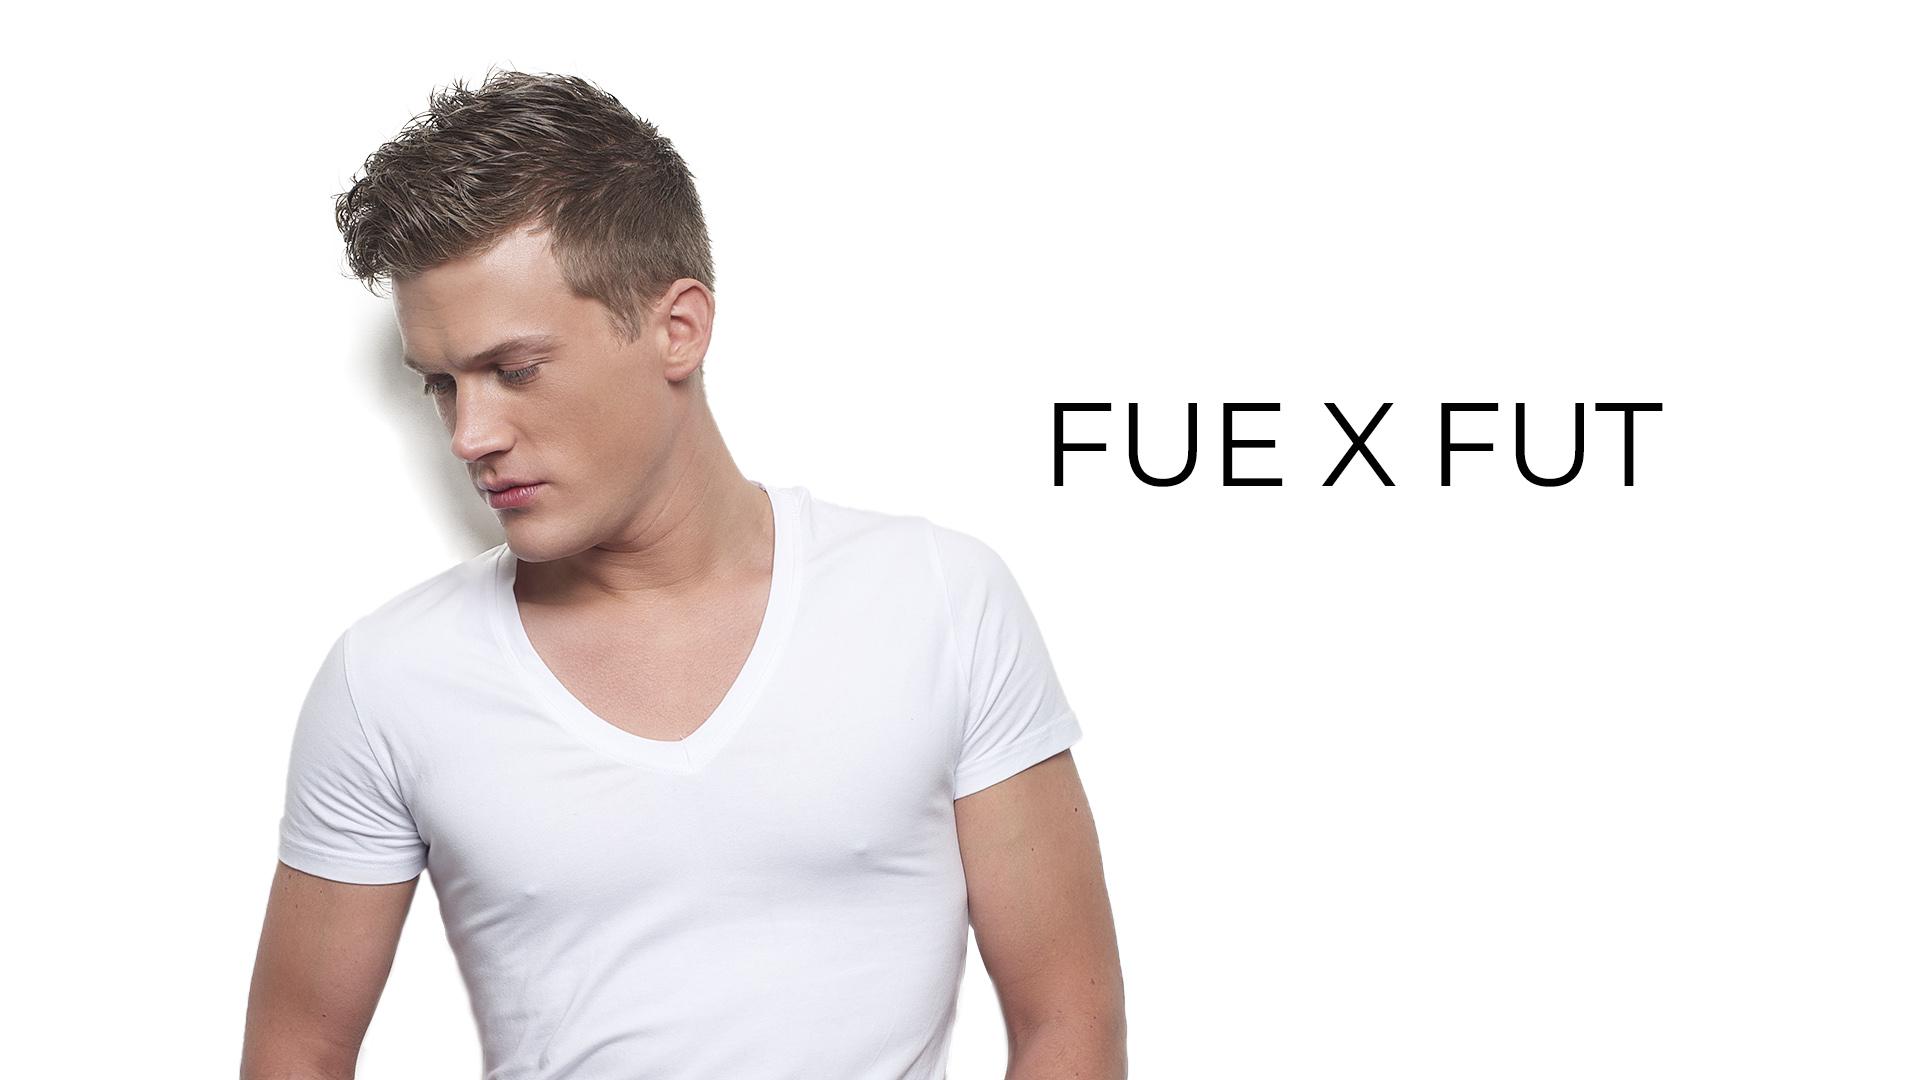 fuex fut